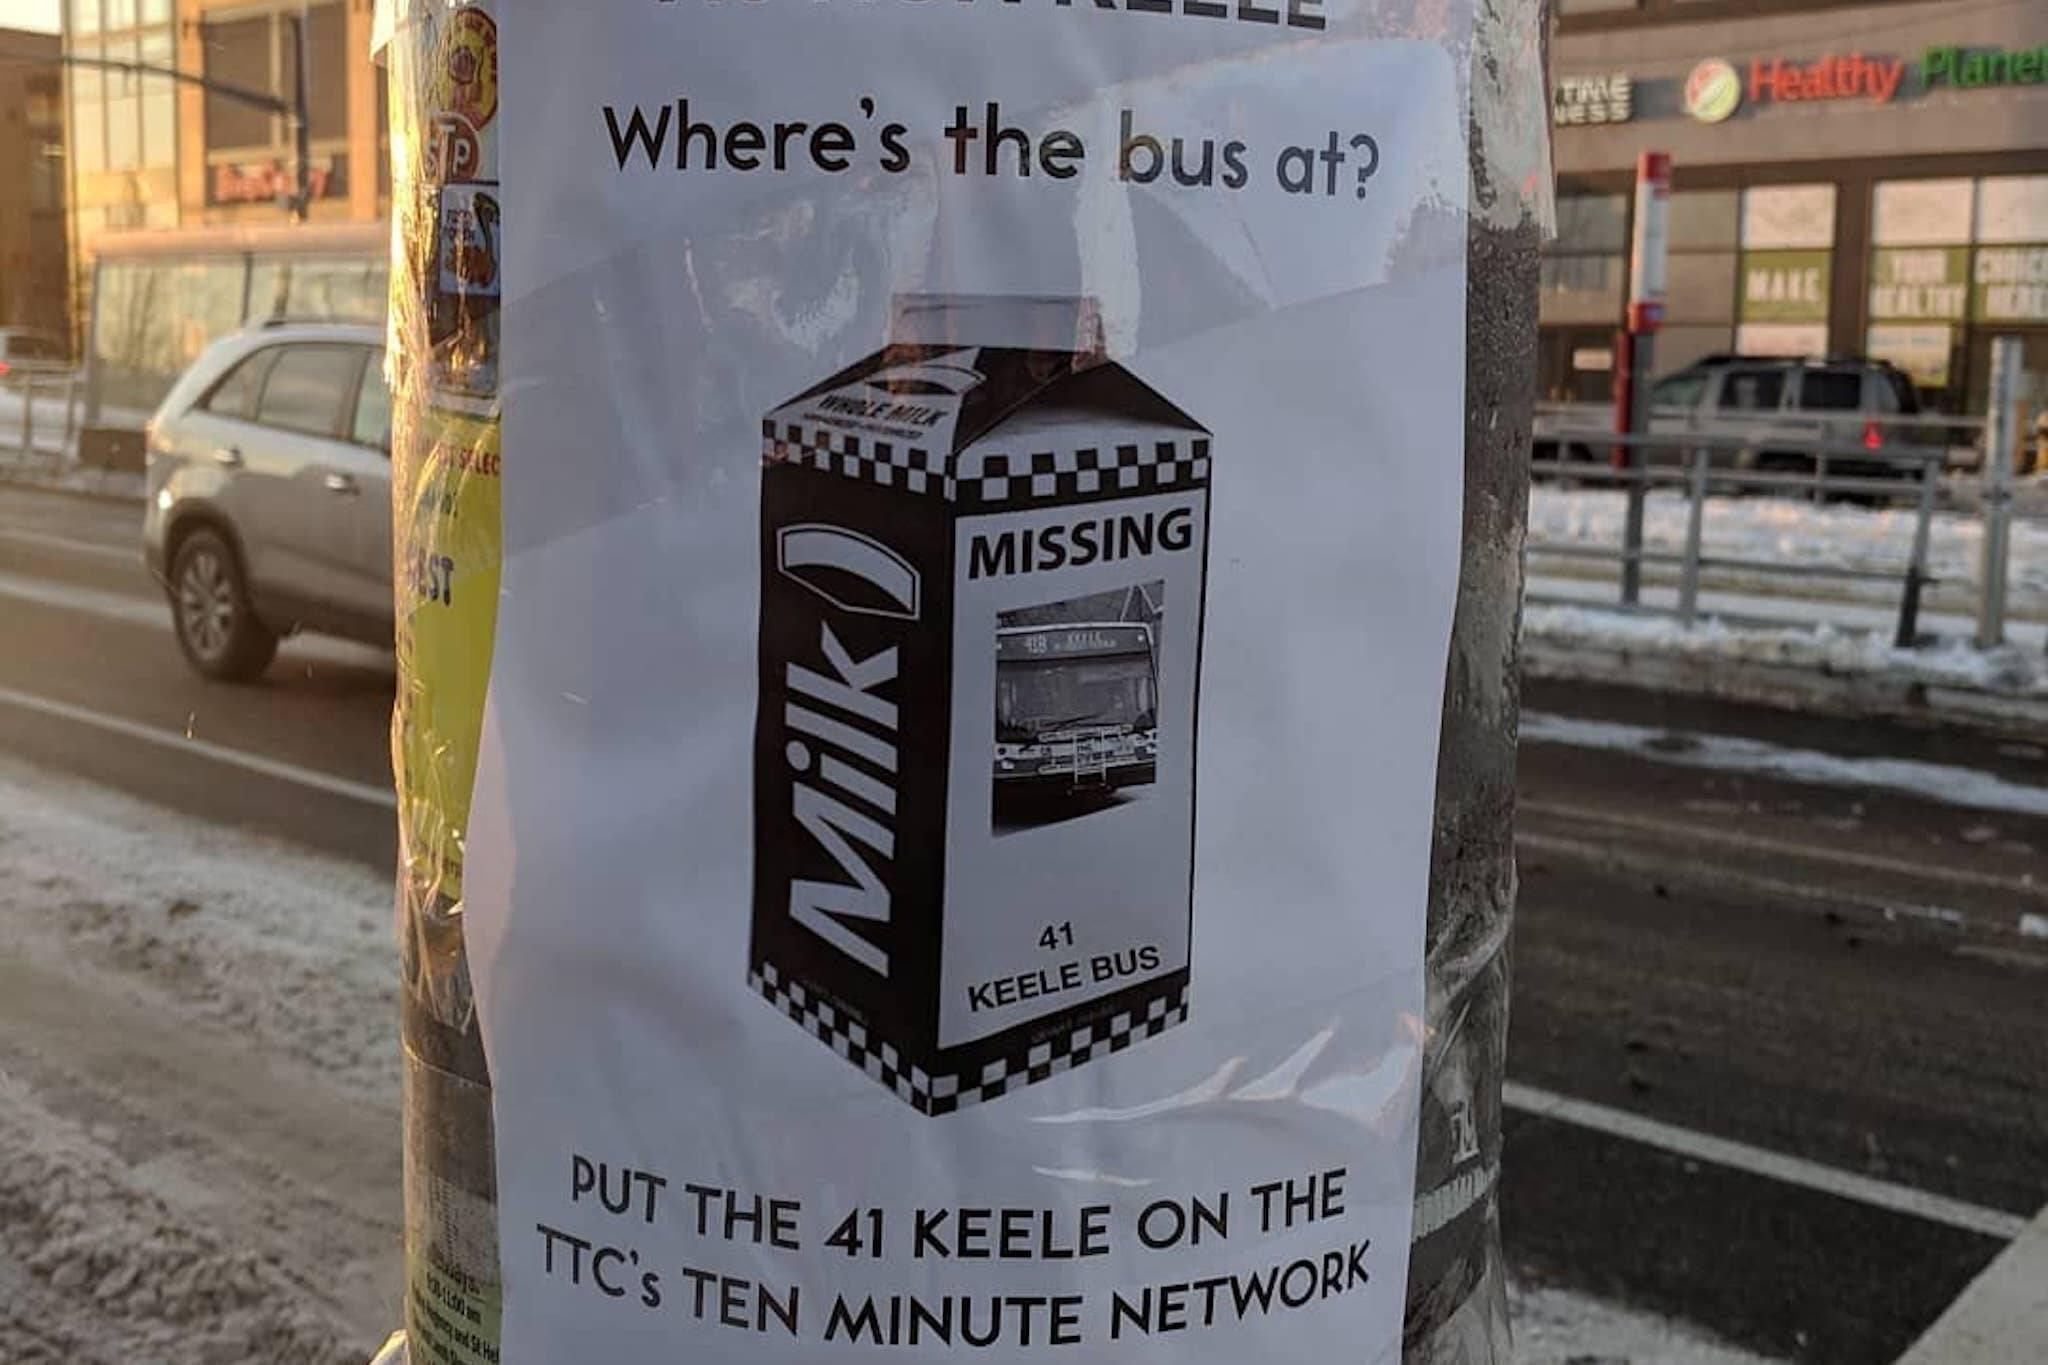 ttc bus service keele